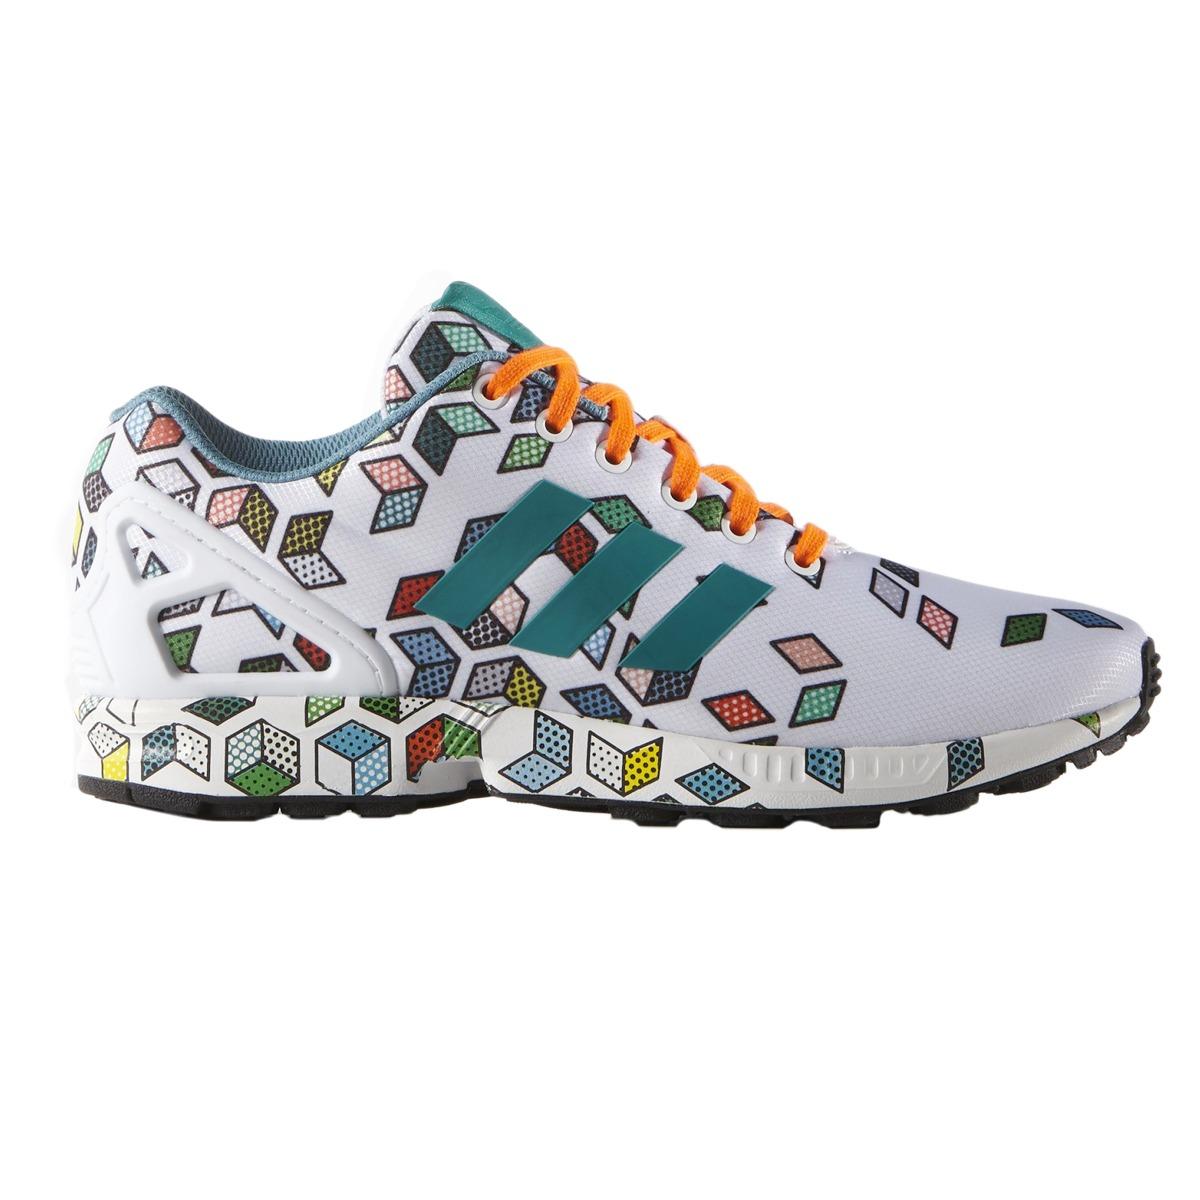 best service 8beff 03014 zapatillas adidas original moda zx flux hombre mf vd. Cargando zoom.